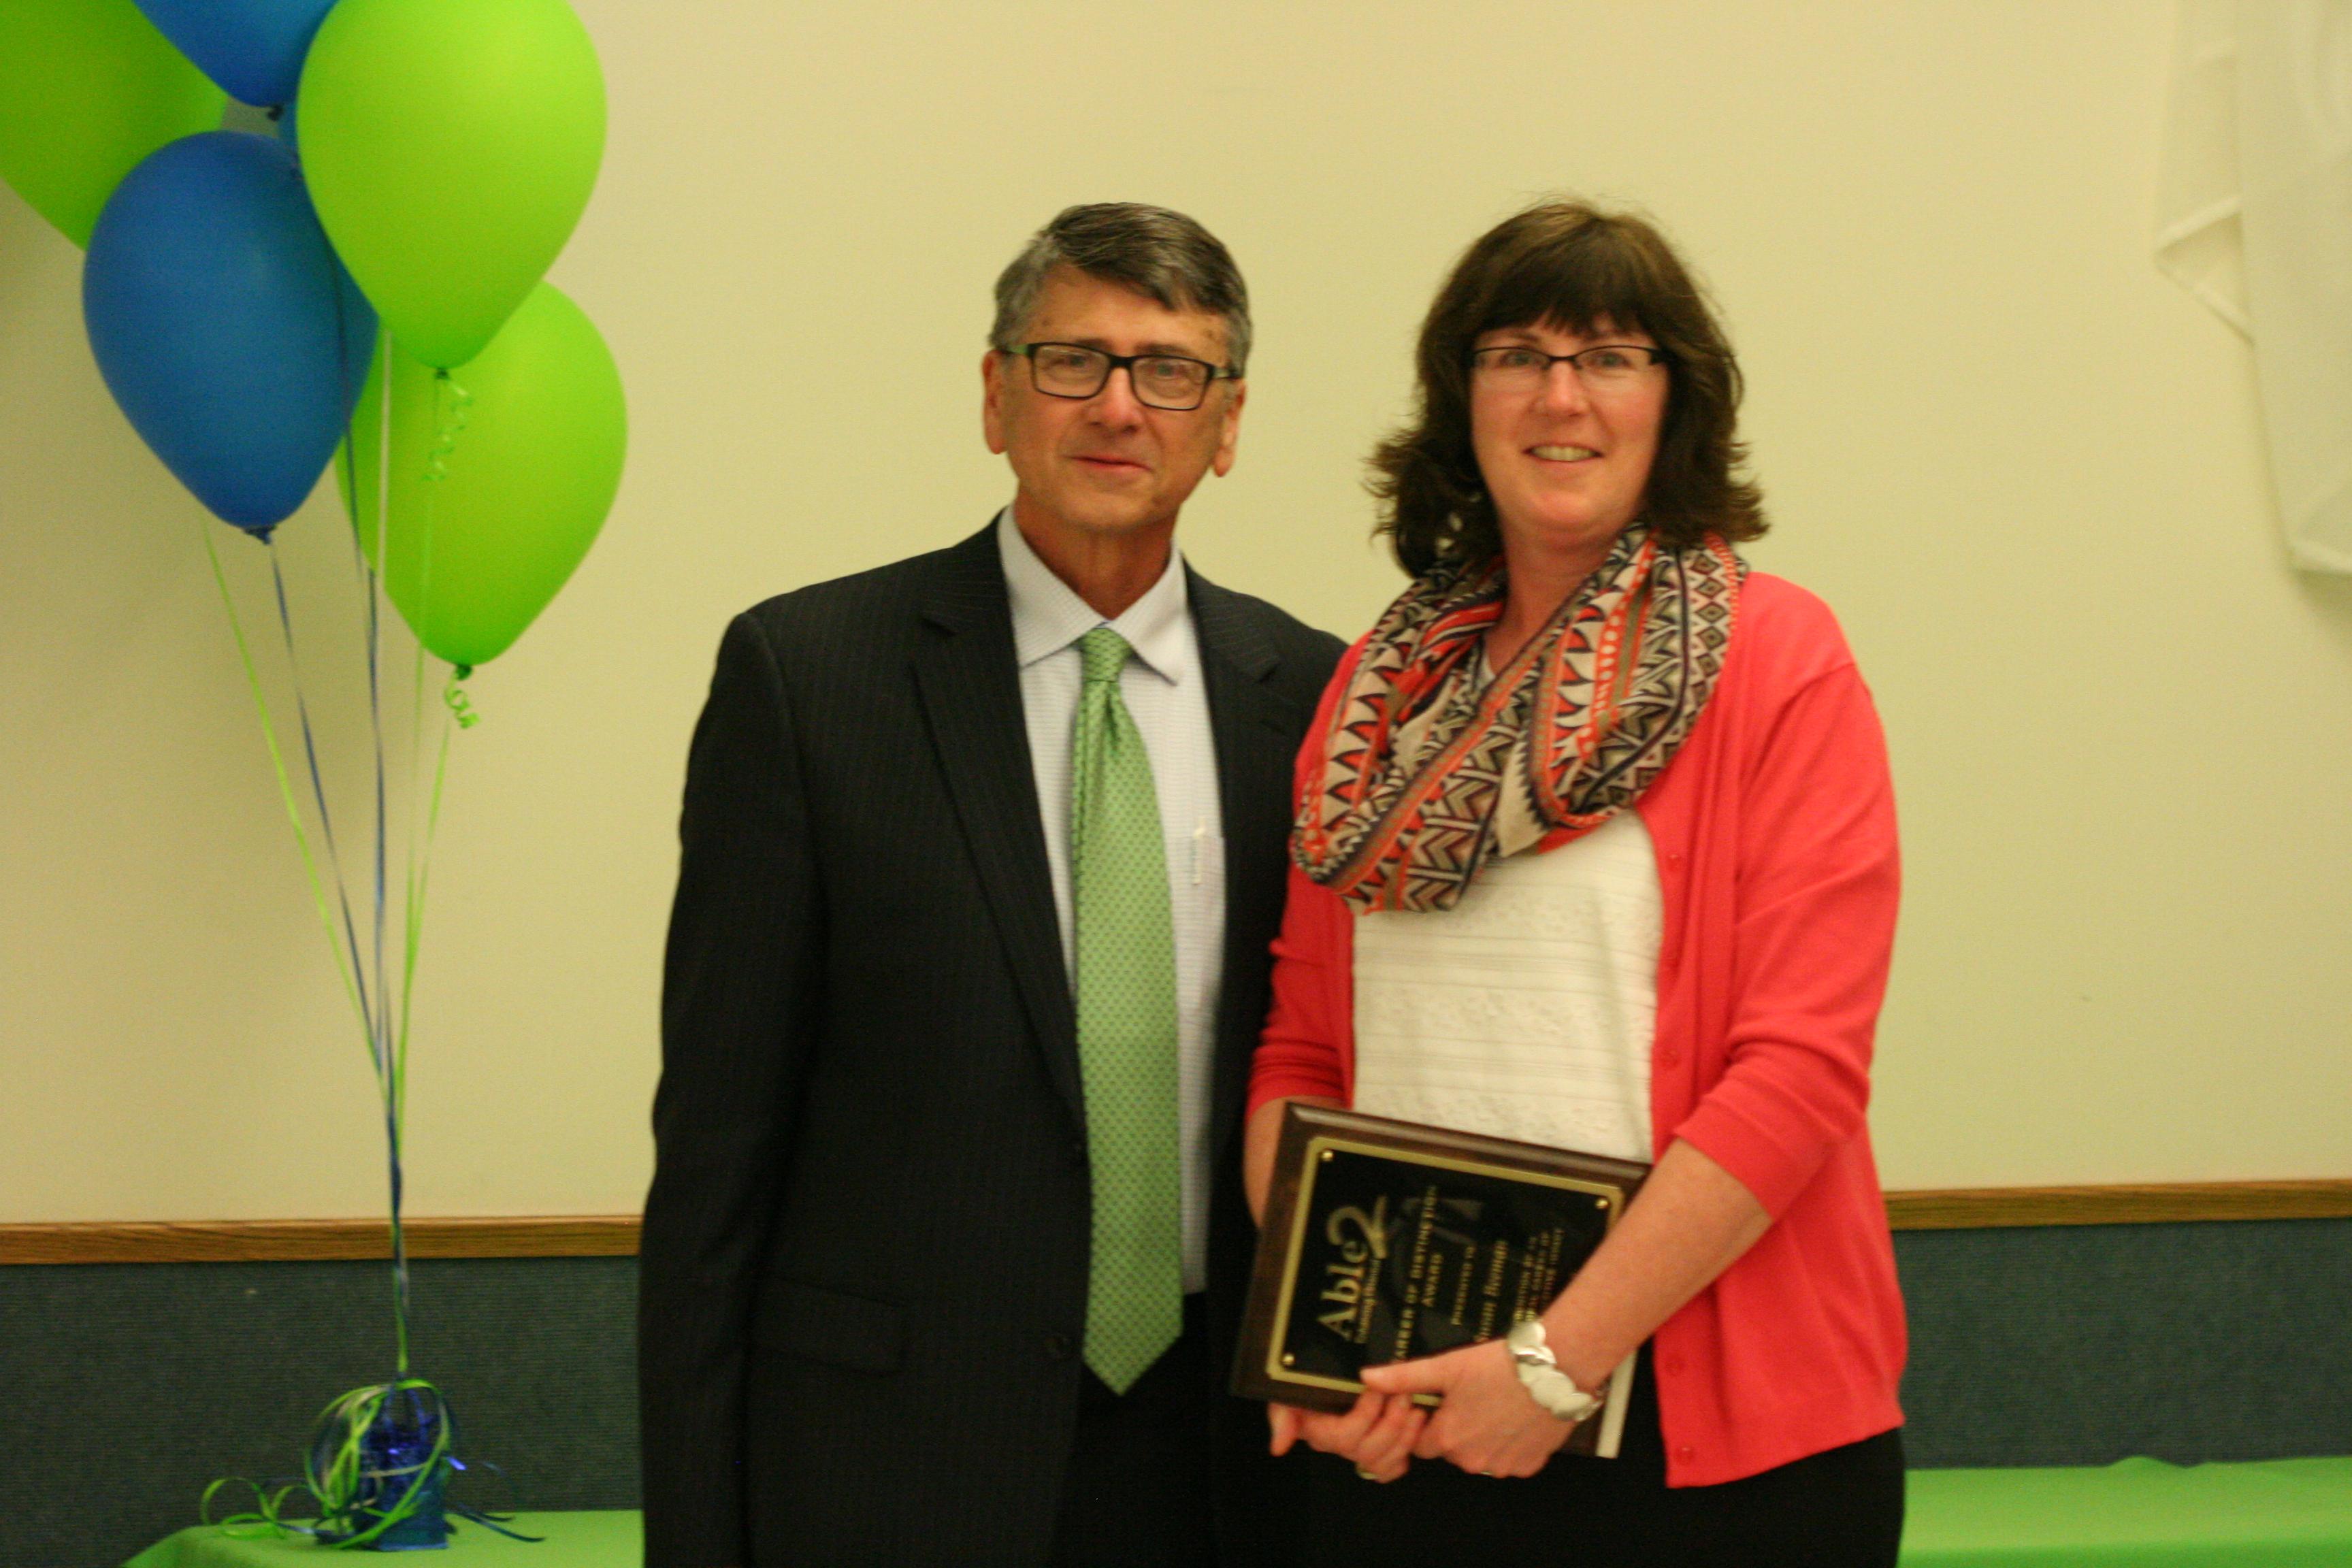 Sue Beeman, Career of Distinction Award Recipient